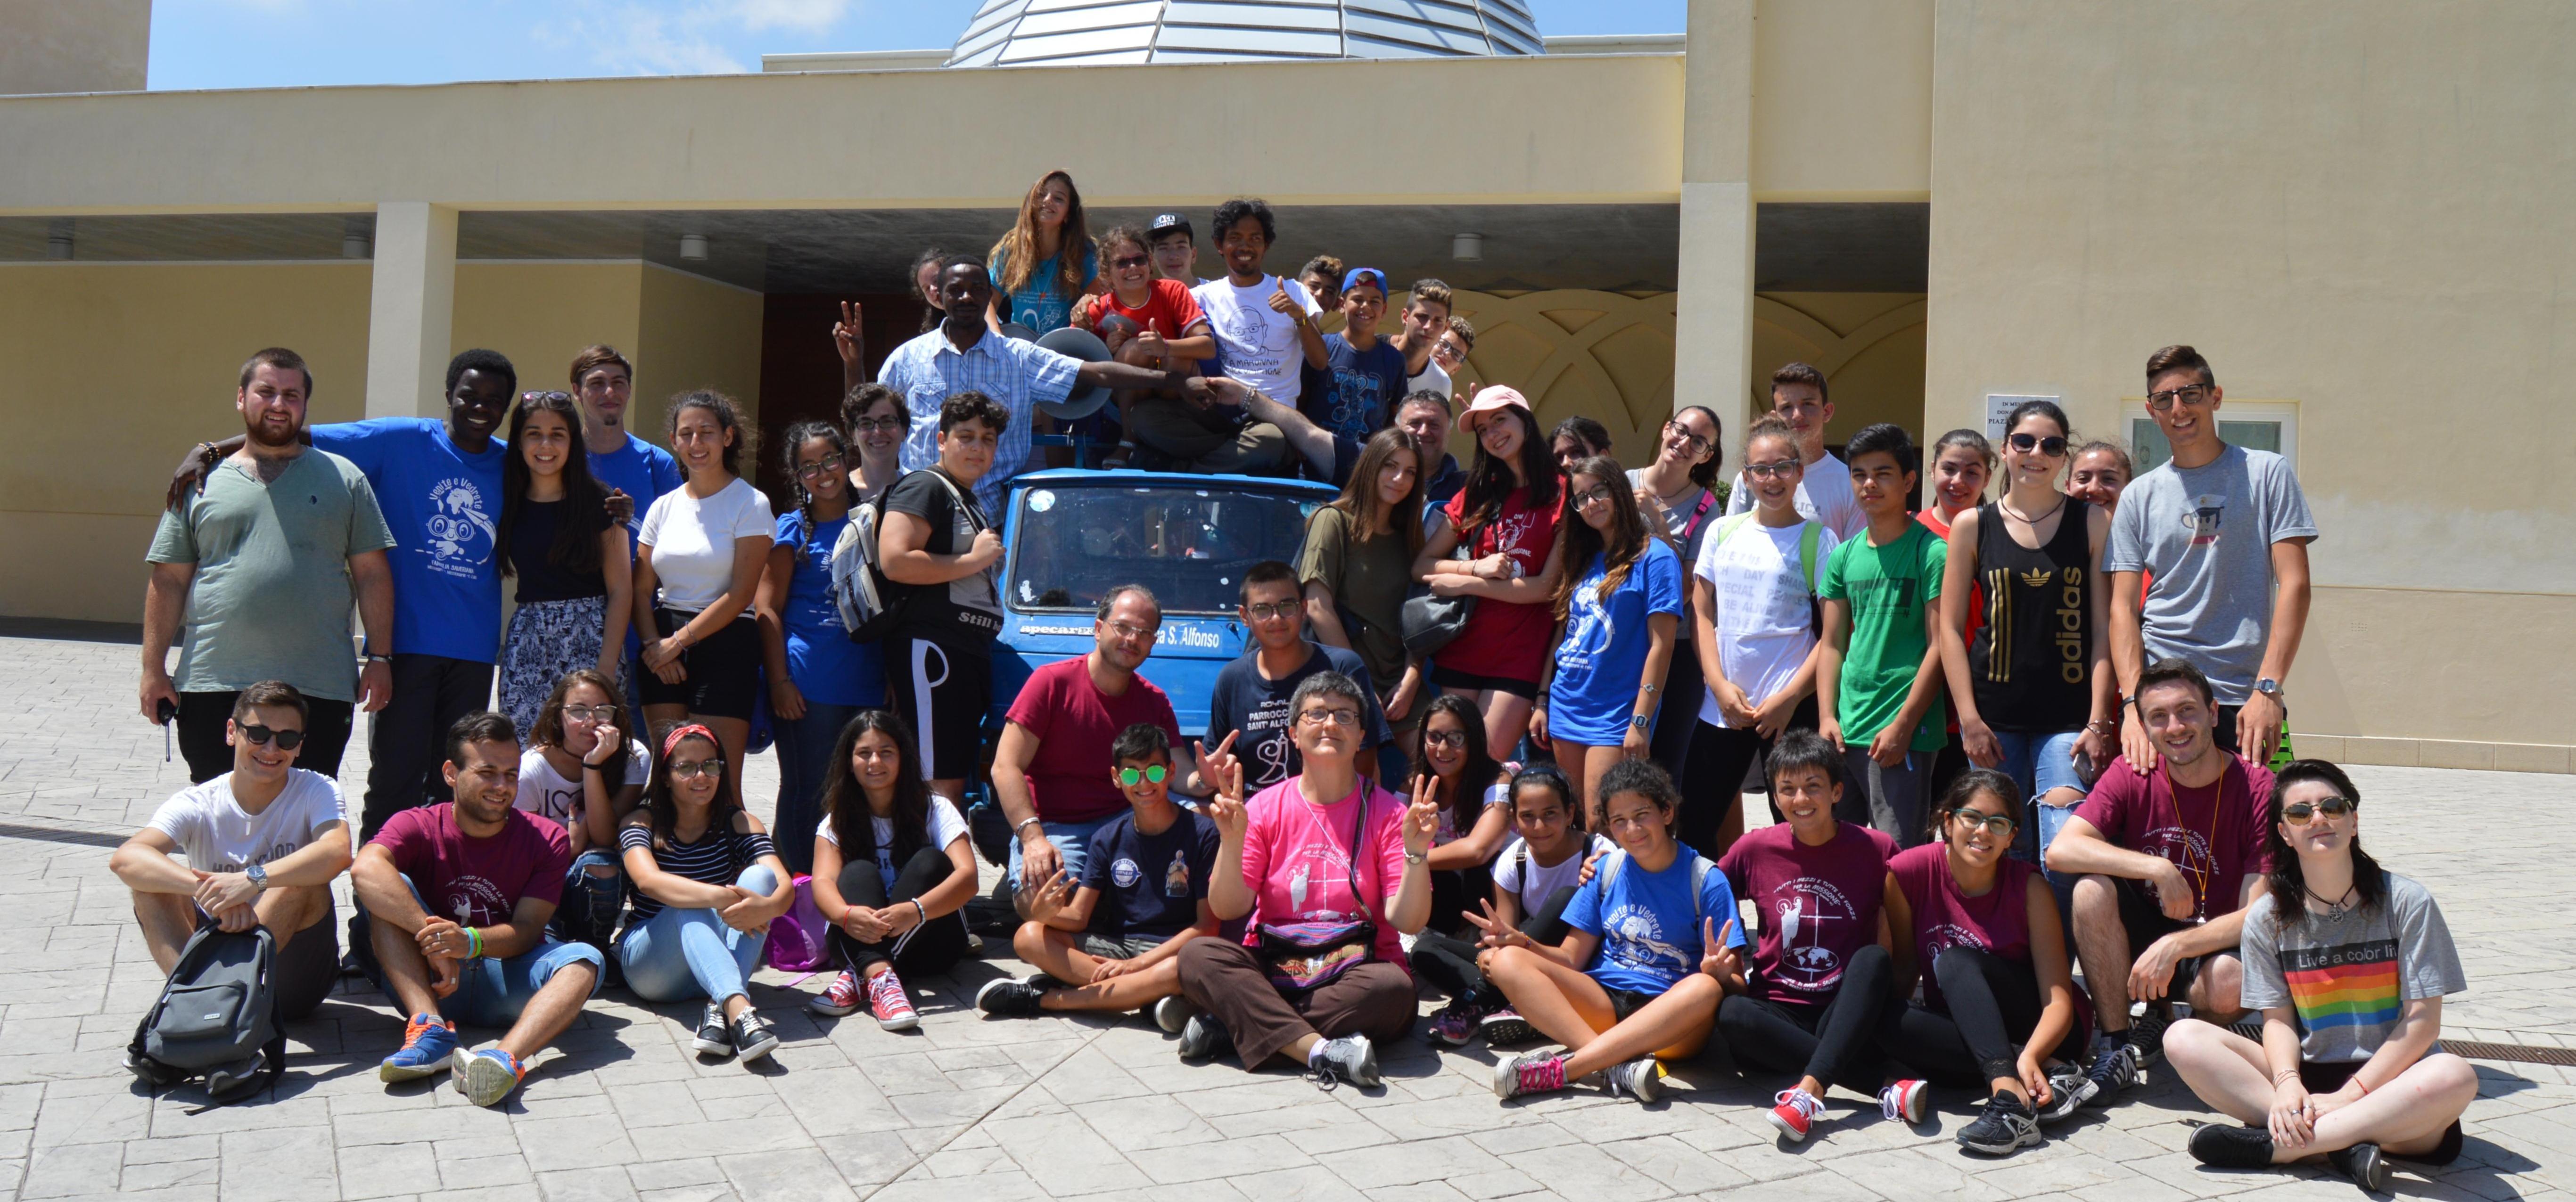 Missionarie Missionari e animatori Campo di formazione e servizio missionario per giovanissimi